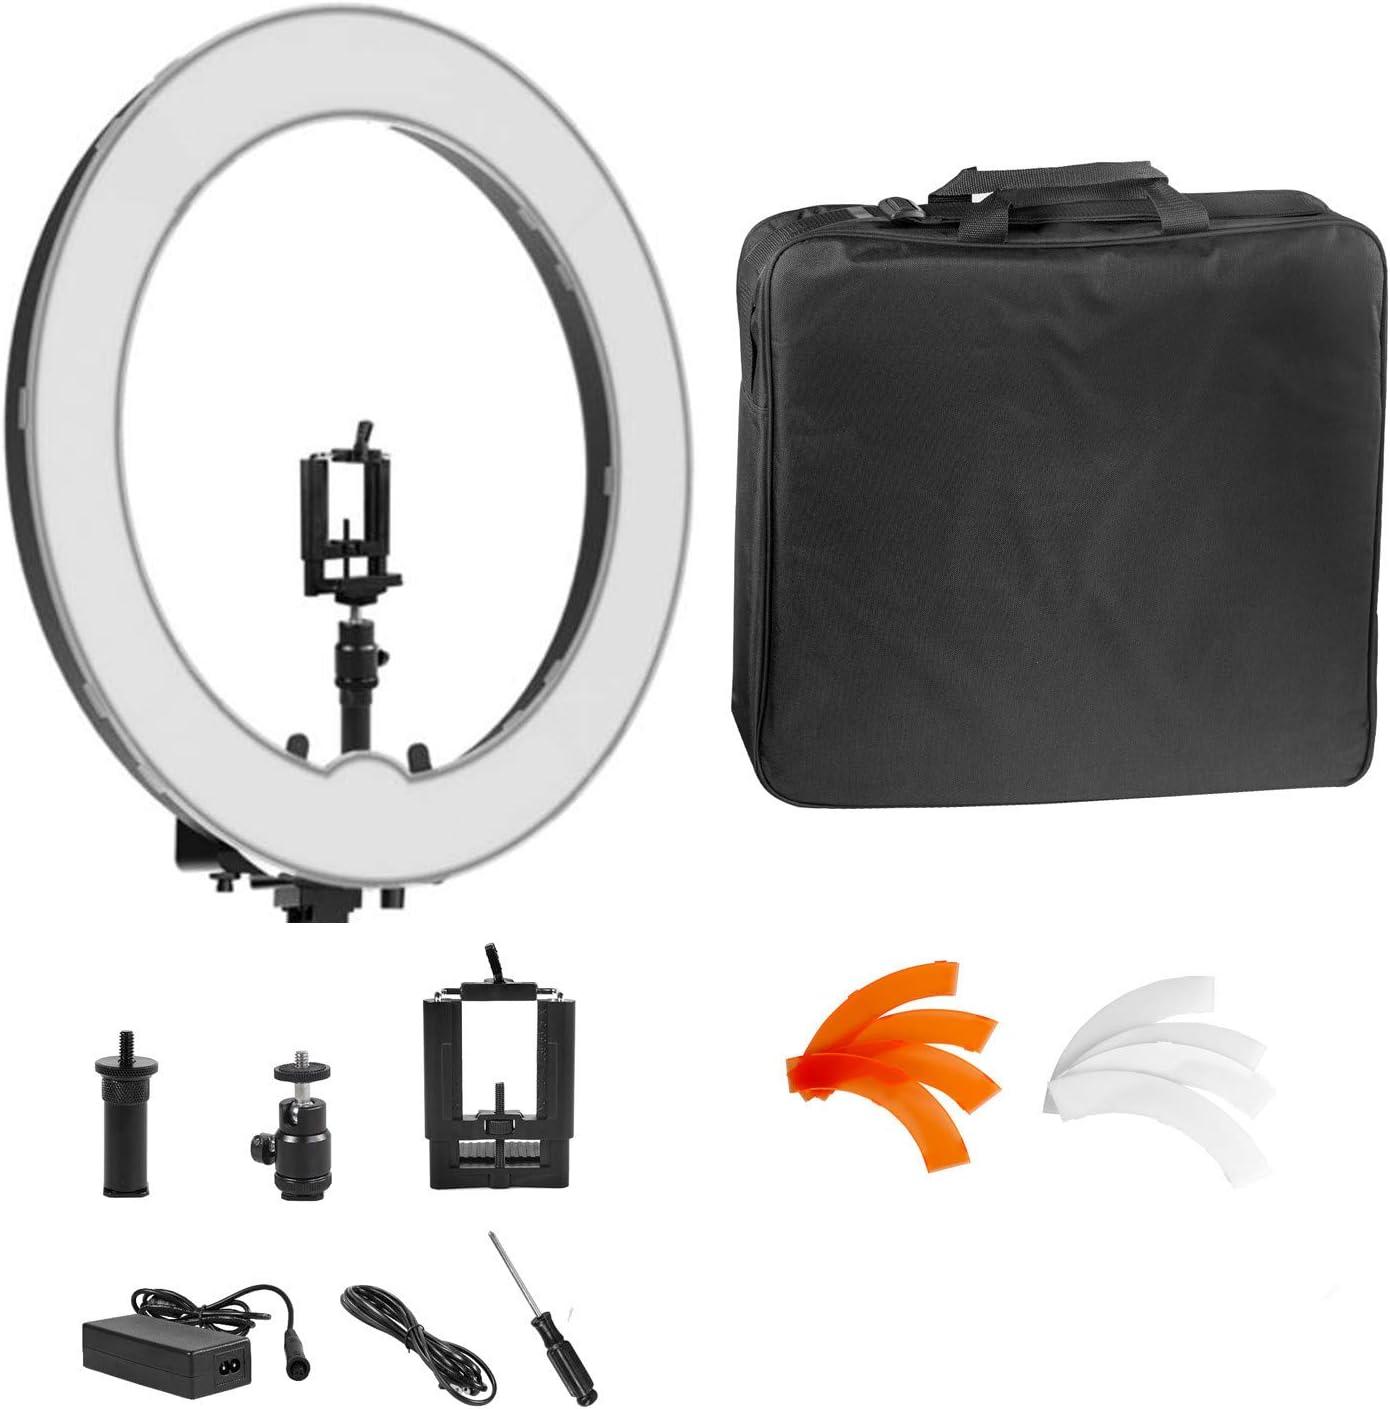 IVISII リングライト、RL-18」55W LED SMD調光リング照明キットカメラライトカラーフィルタ、回転可能な携帯ホルダー、ボールヘッドと(ライトスタンドなし)自分撮りYouTubeのためのキャリングバッグが含まれています 三脚なしでIR-45 /